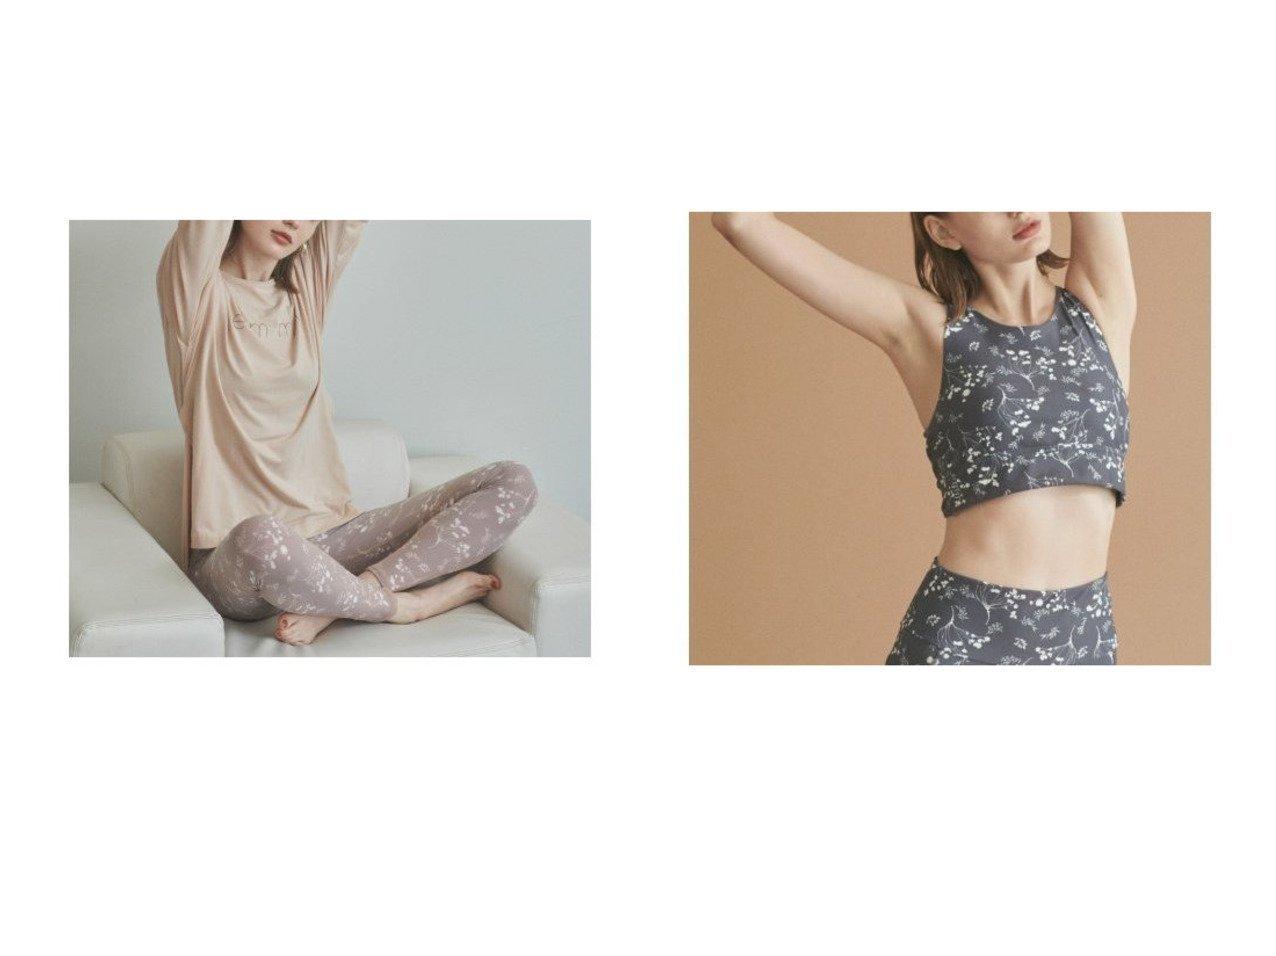 【emmi yoga/エミ ヨガ】の【emmi yoga】ウィンターフラワーブラTOP&【emmi yoga】サスティナロゴS TEE スポーツ・ヨガウェア、運動・ダイエットグッズなどのおすすめ!人気、トレンド・レディースファッションの通販 おすすめで人気の流行・トレンド、ファッションの通販商品 メンズファッション・キッズファッション・インテリア・家具・レディースファッション・服の通販 founy(ファニー) https://founy.com/ ファッション Fashion レディースファッション WOMEN トップス カットソー Tops Tshirt シャツ/ブラウス Shirts Blouses ロング / Tシャツ T-Shirts カットソー Cut and Sewn スポーツウェア Sportswear スポーツ トップス Tops カモフラージュ 吸水 シンプル スマート とろみ ロング 冬 Winter 2020年 2020 2020-2021 秋冬 A/W AW Autumn/Winter / FW Fall-Winter 2020-2021 スポーツ フラワー |ID:crp329100000020506